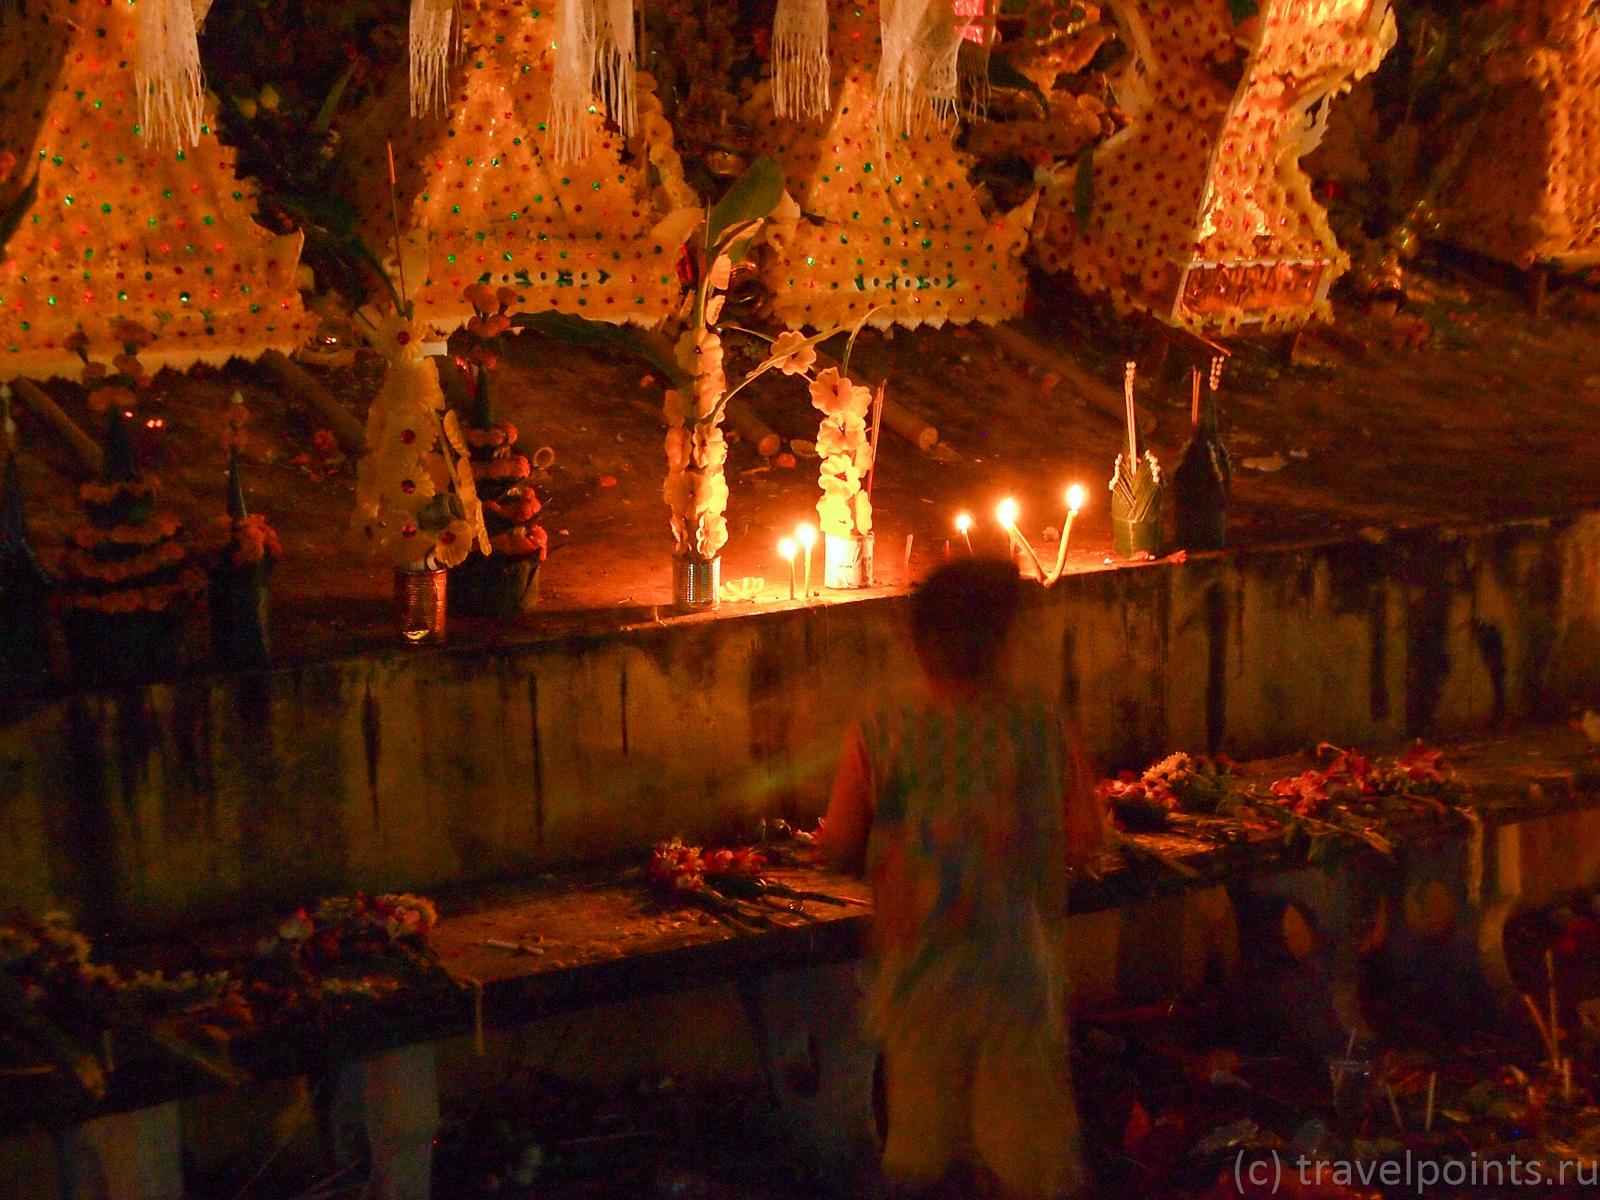 Ребенок у ступы смотрит на свечи